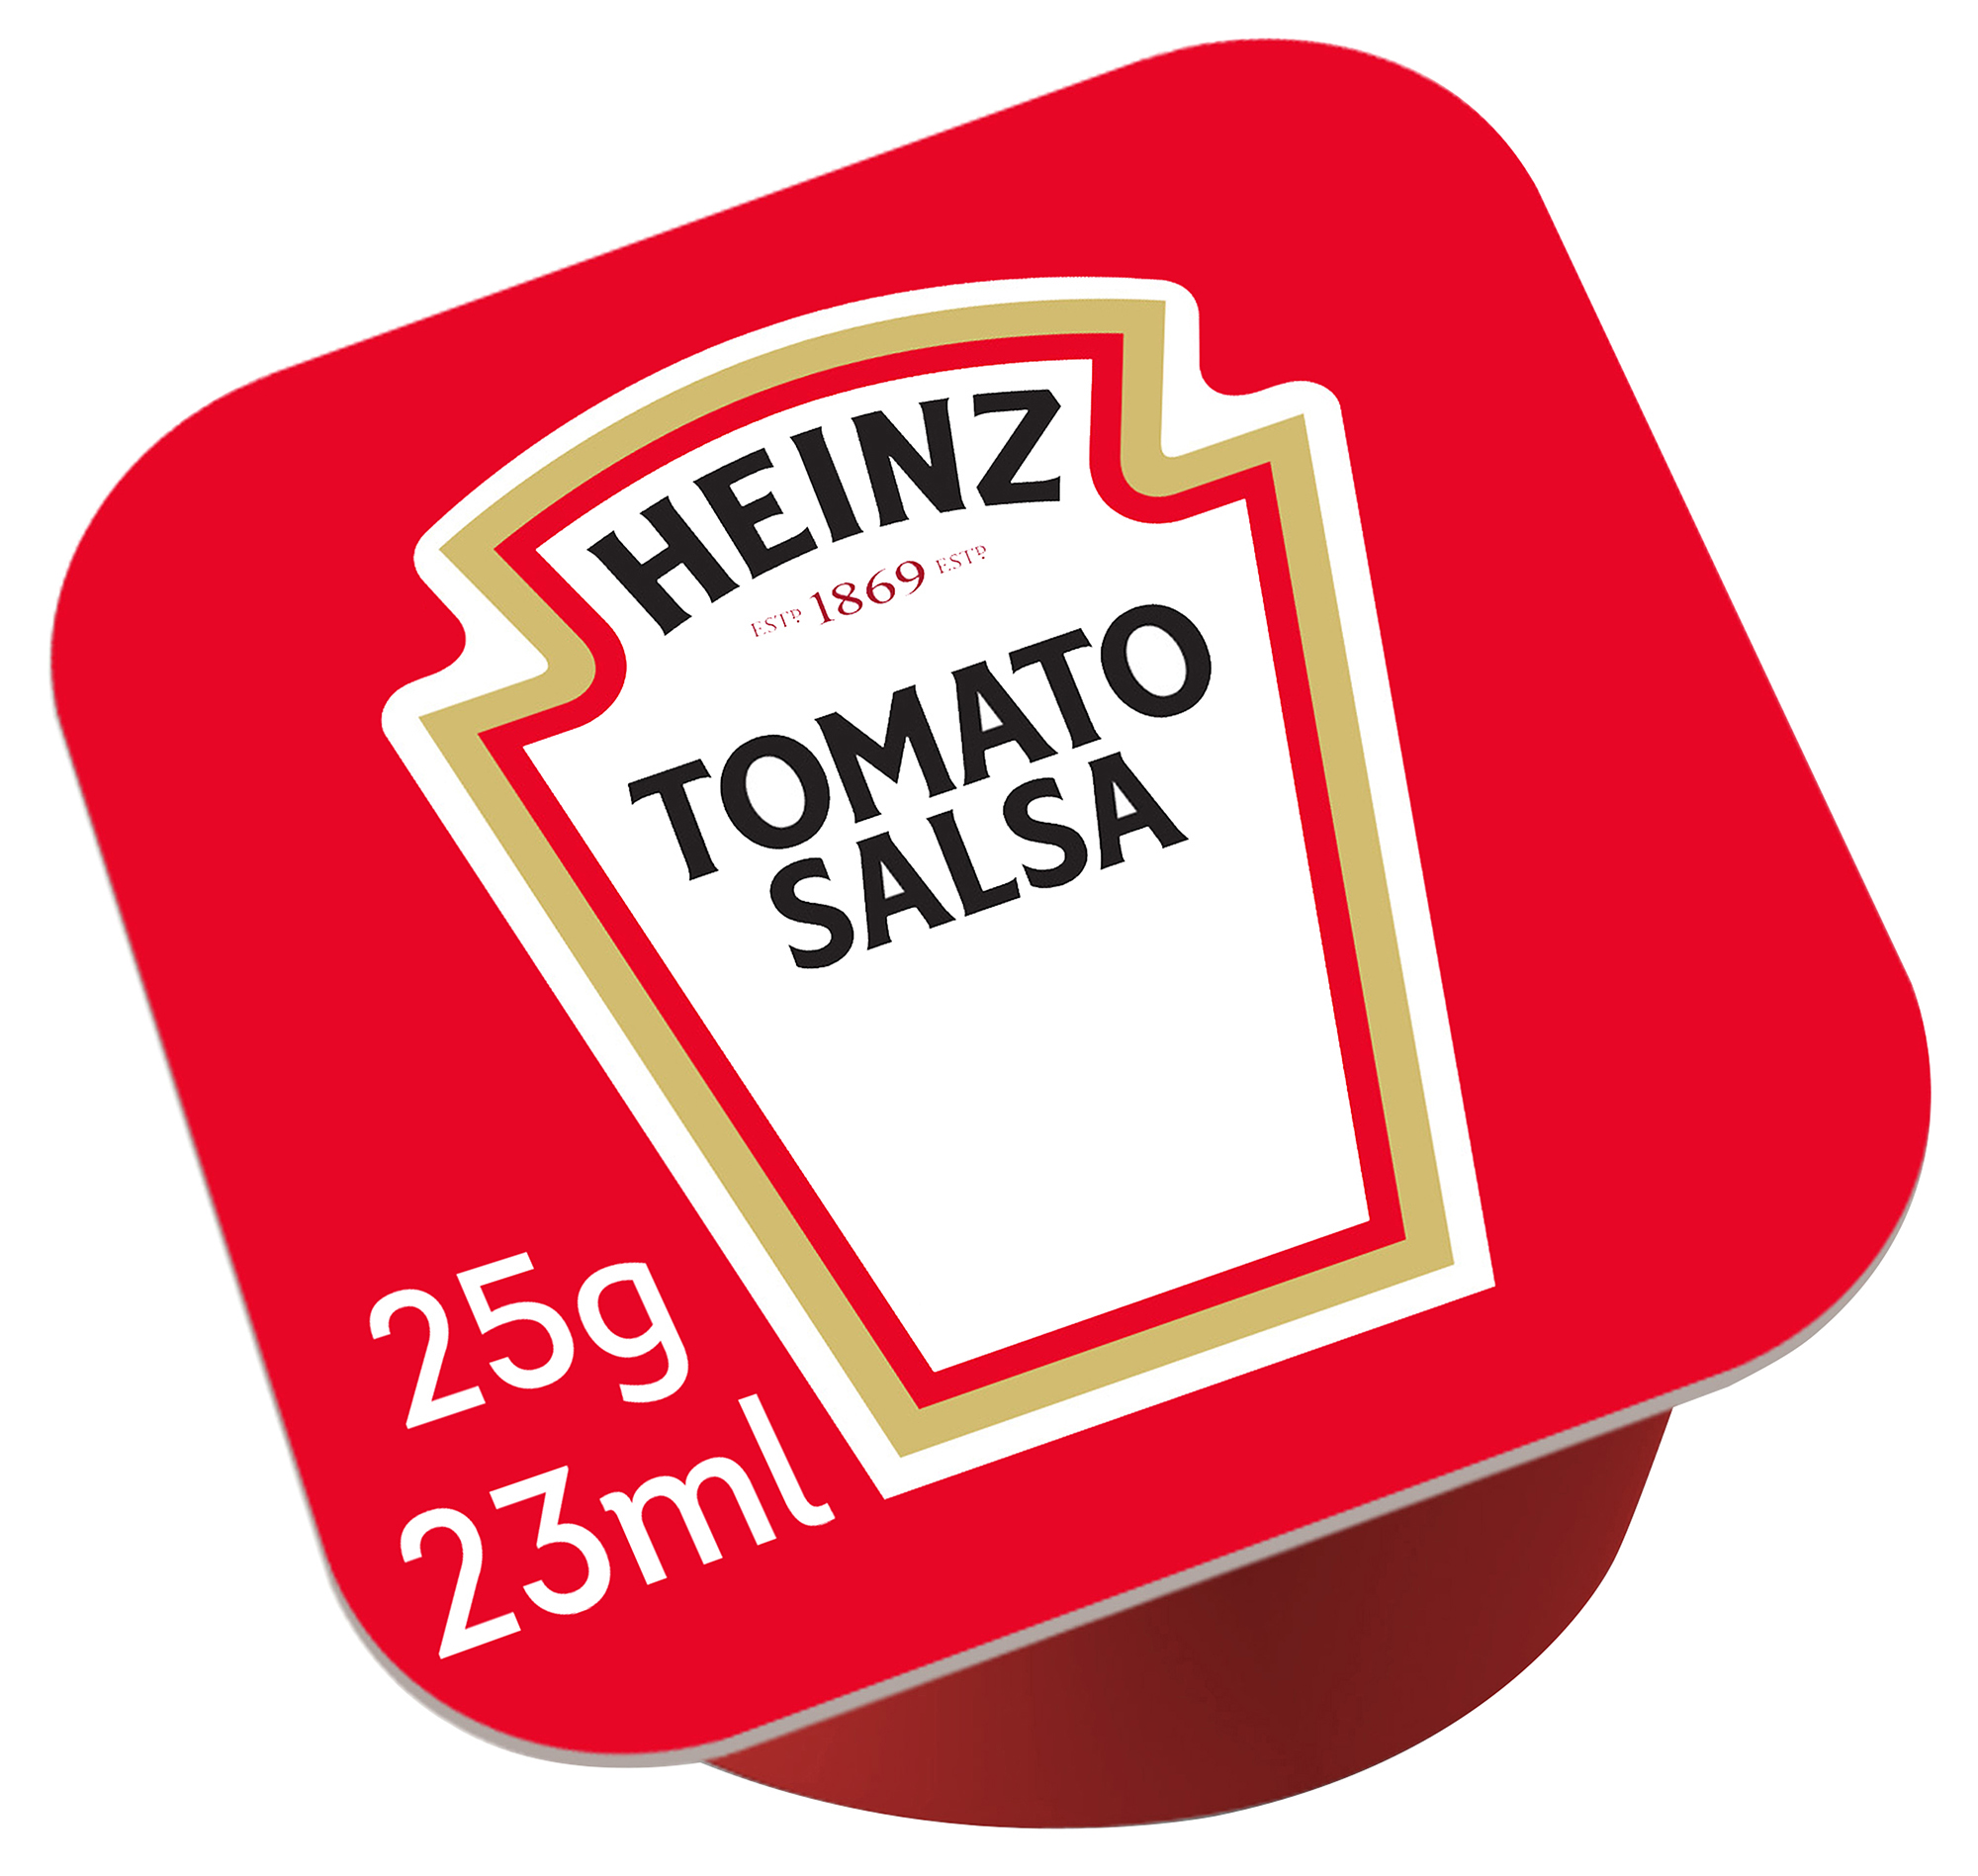 Heinz Salsa Extra Hot 25g image